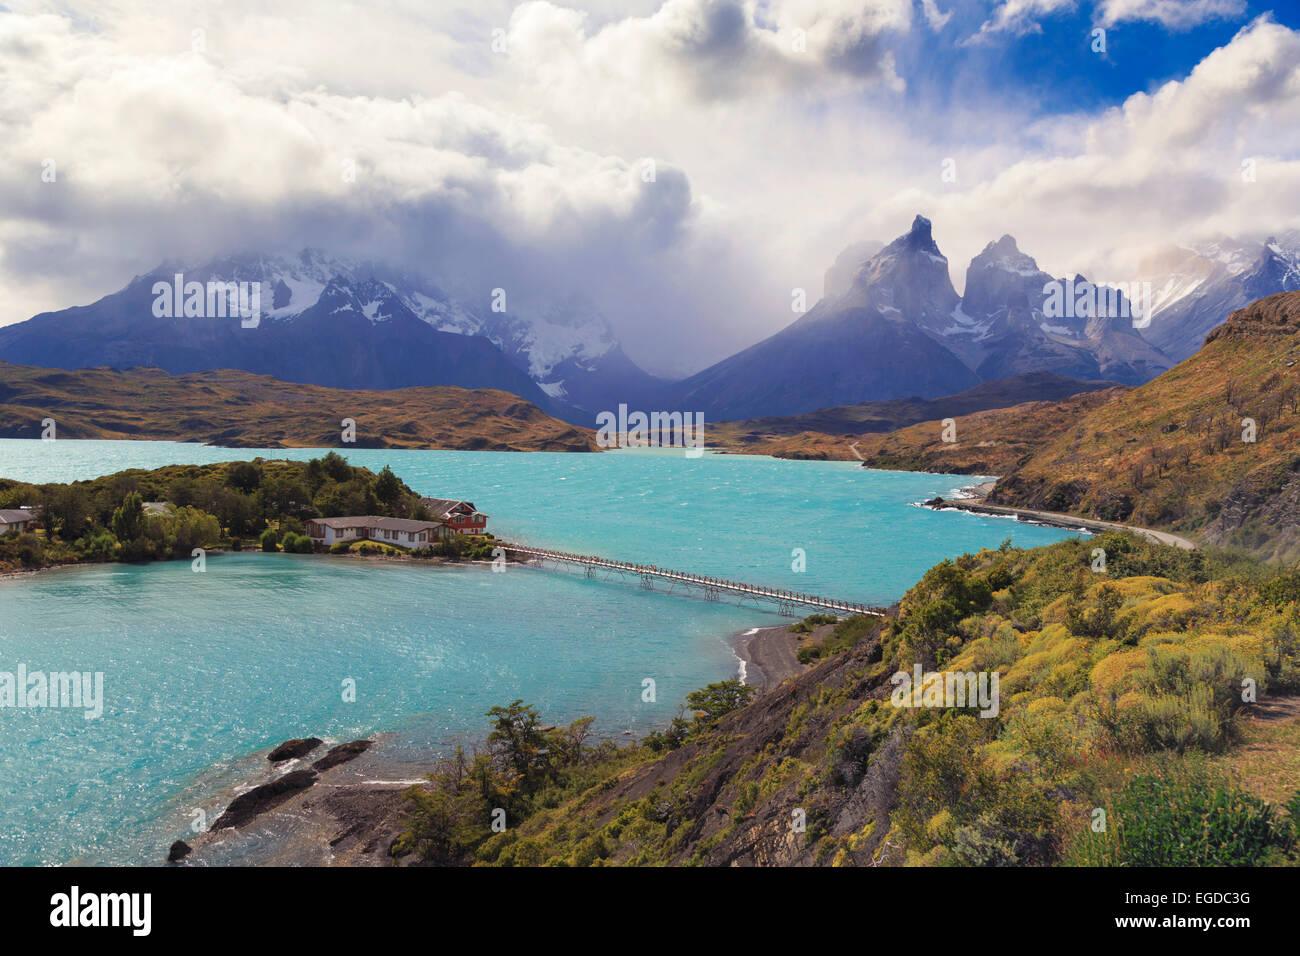 Chile, Patagonia, Parque Nacional Torres del Paine (UNESCO Sitio), Lago Peohe Imagen De Stock